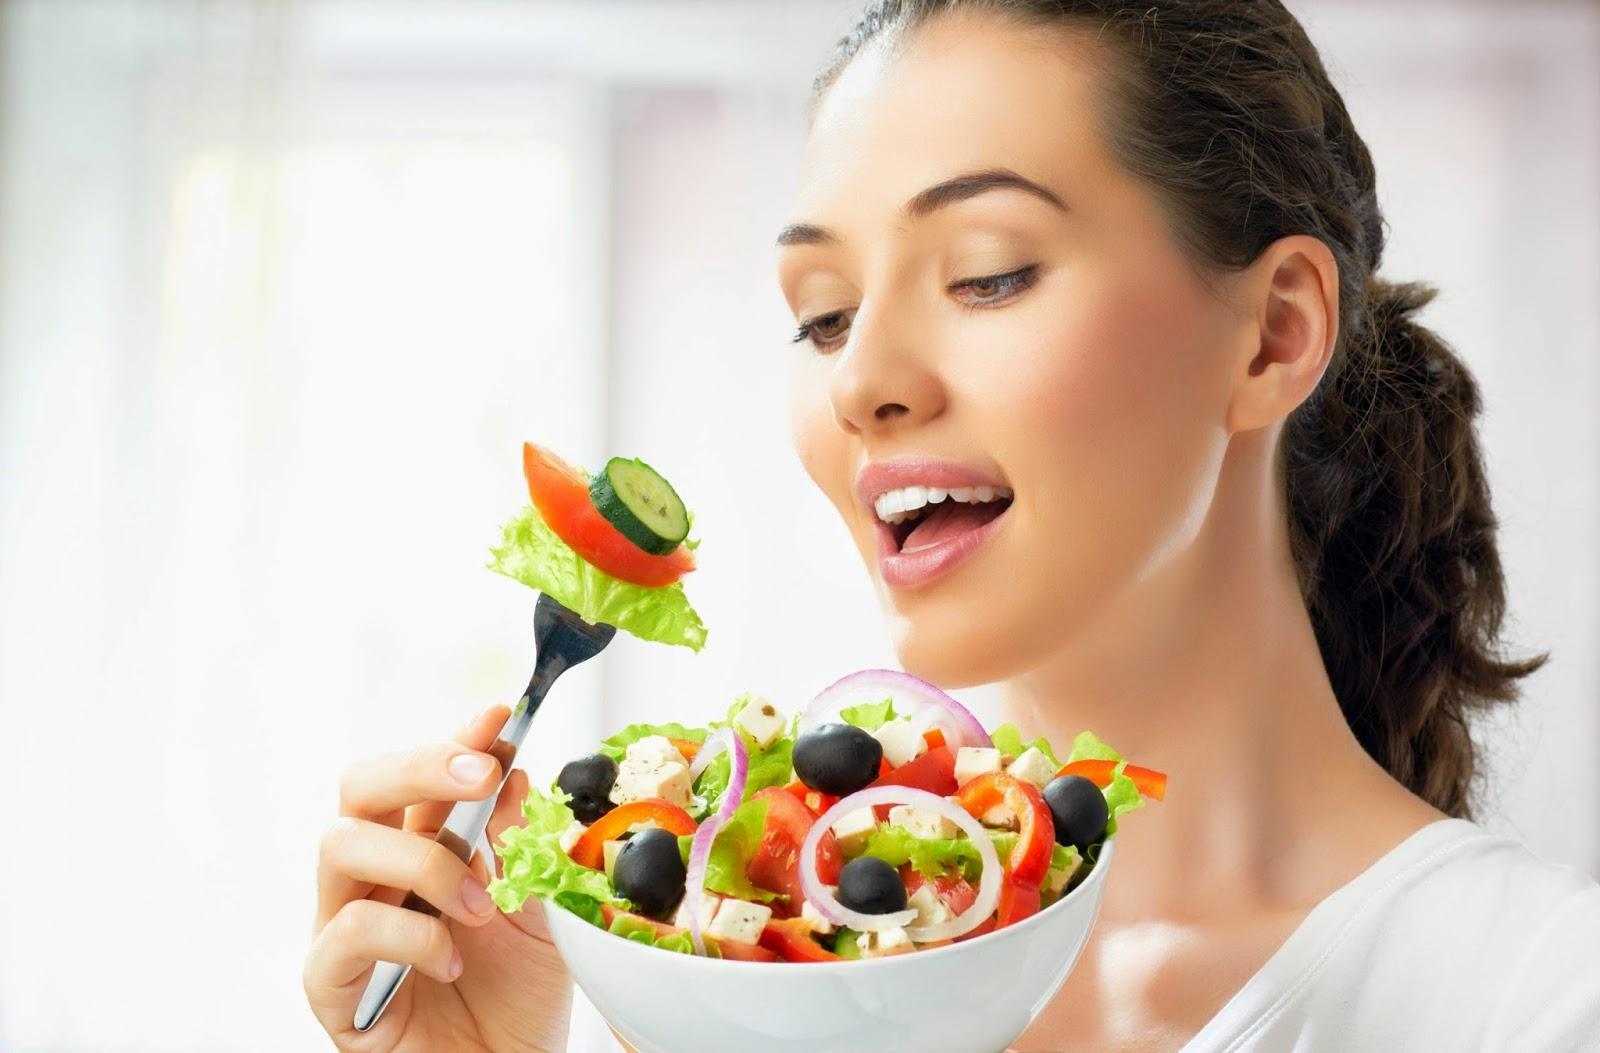 сколько калорий нужно употреблять женщине в день чтобы похудеть